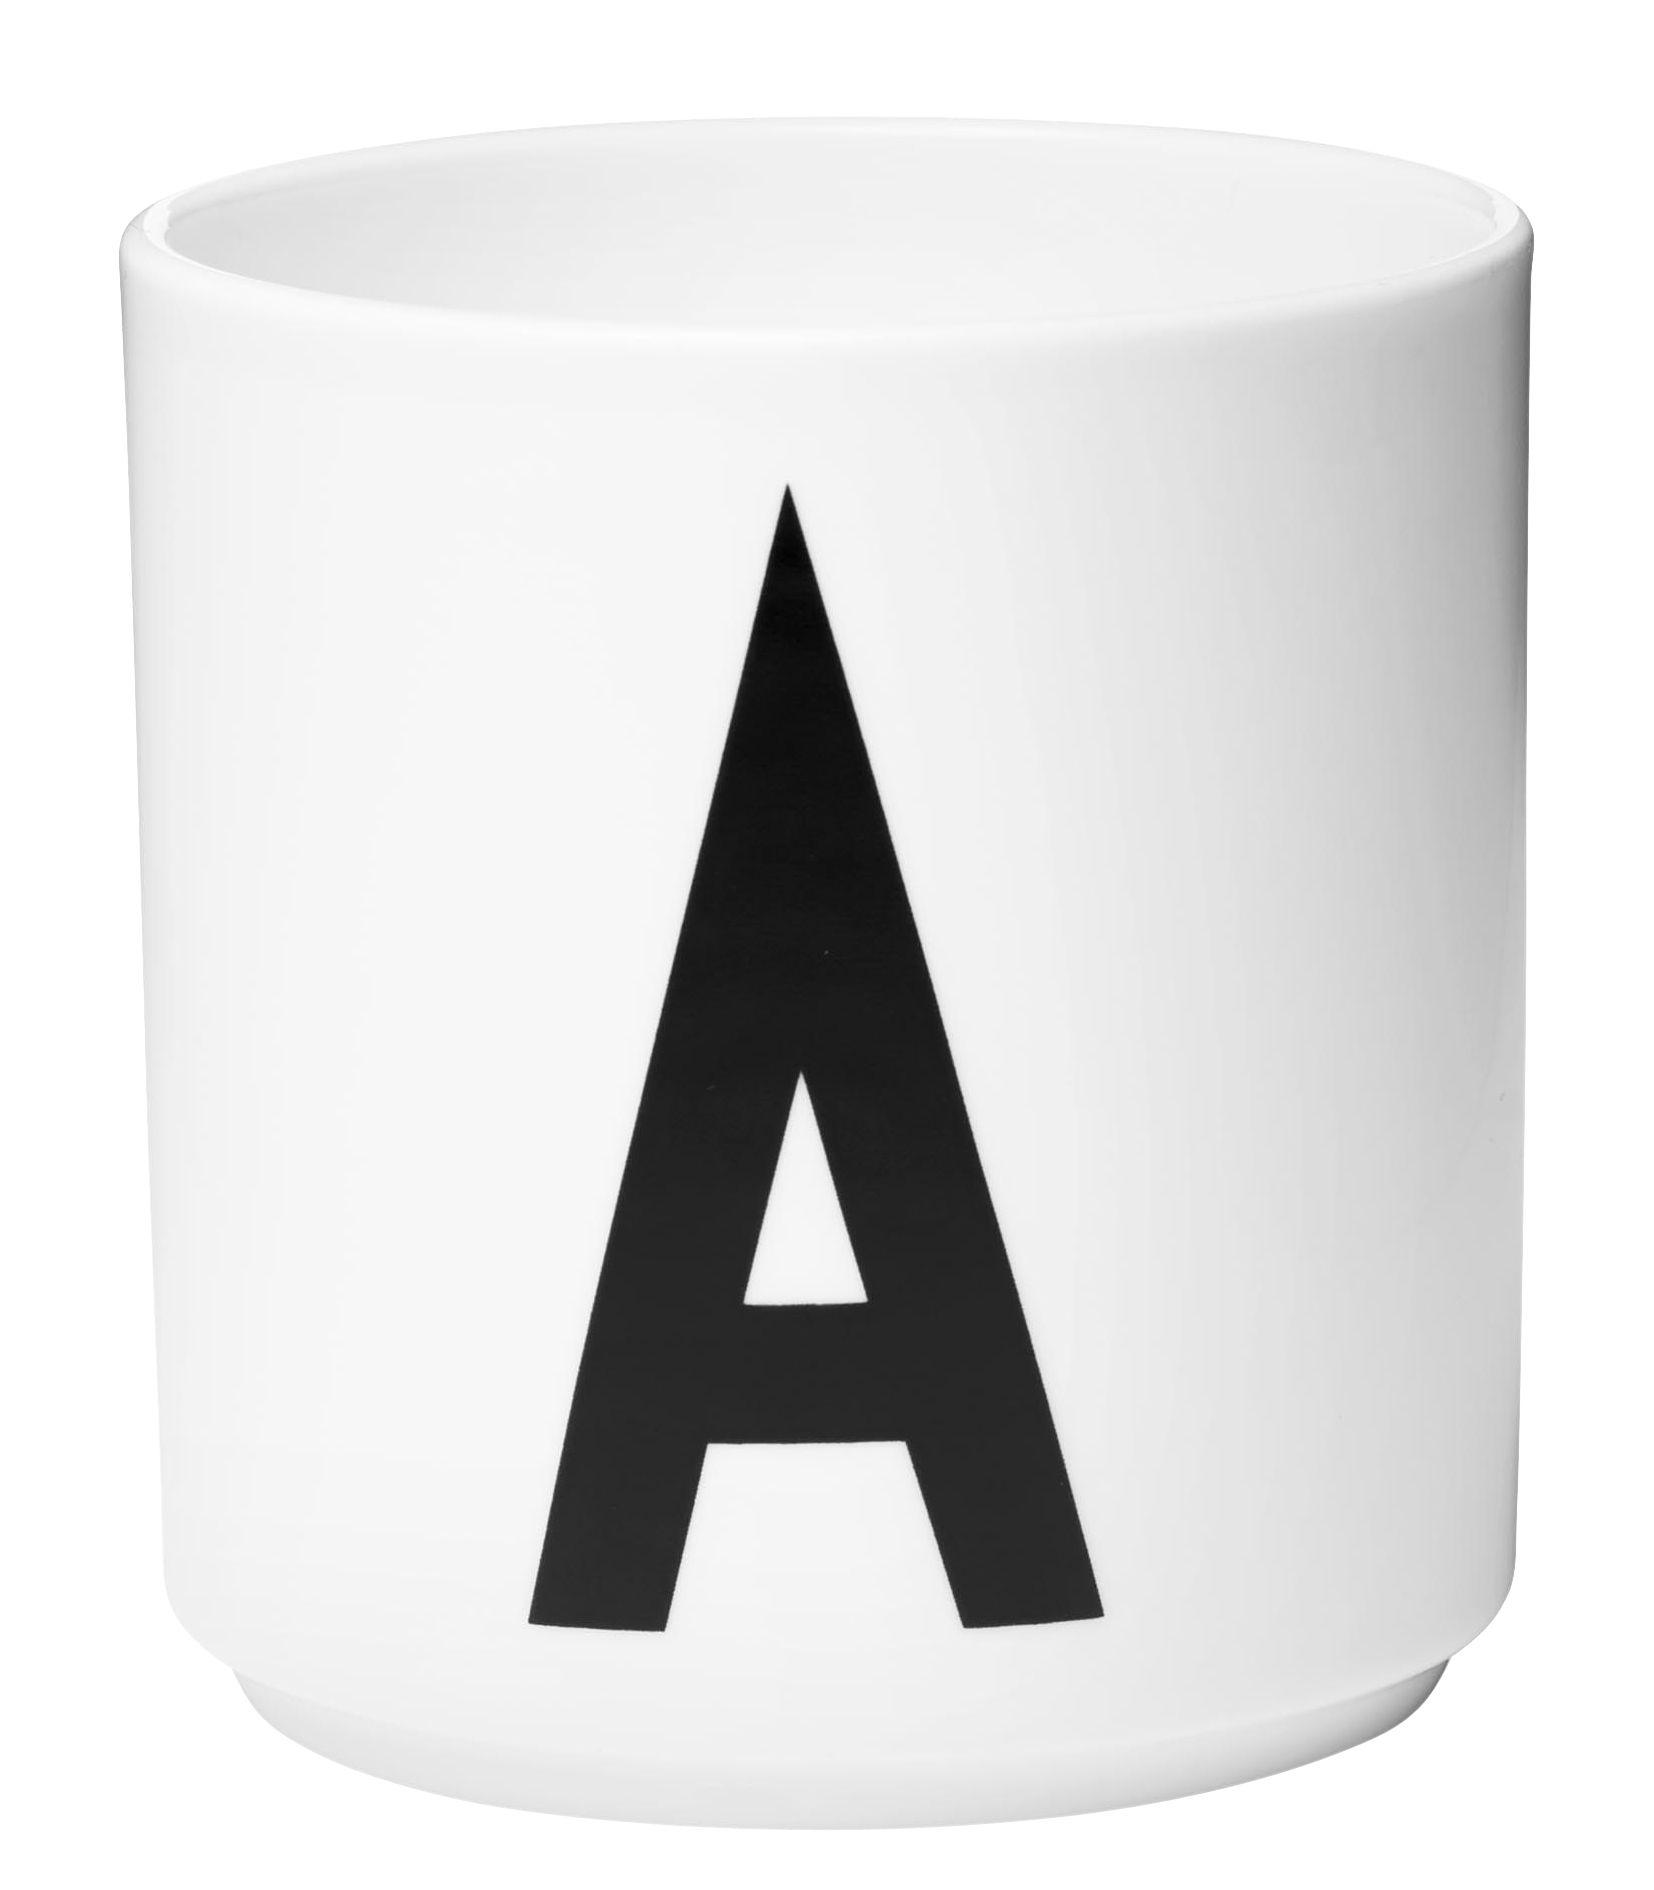 Arts de la table - Tasses et mugs - Mug Arne Jacobsen / Porcelaine - Lettre A - Design Letters - Blanc / Lettre A - Porcelaine de Chine